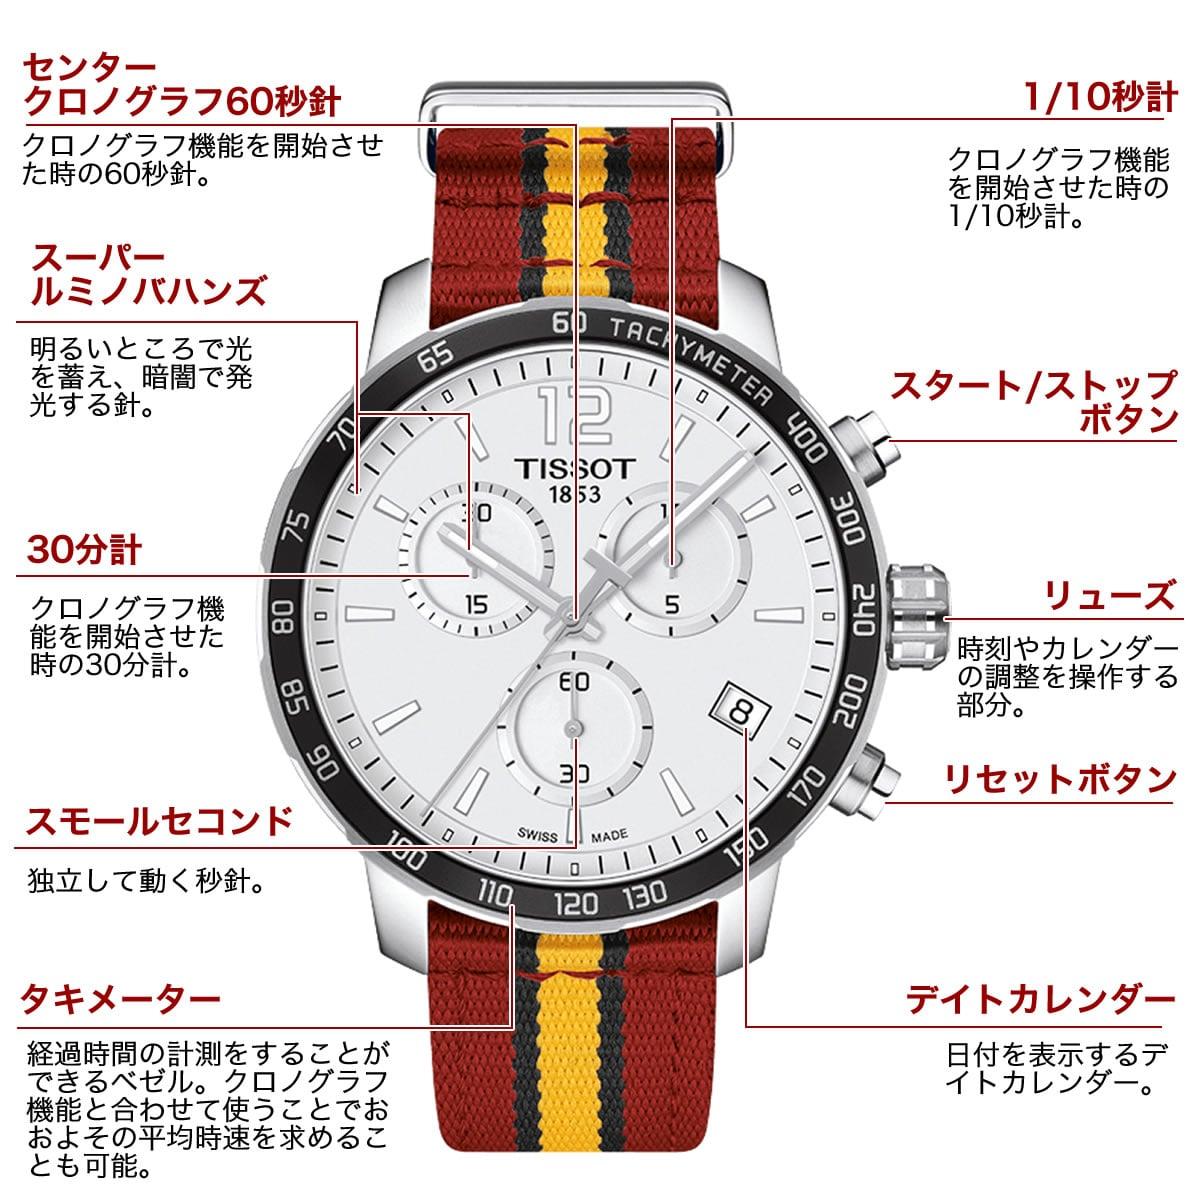 ティソ 男性用腕時計 t0954171703708 機能詳細